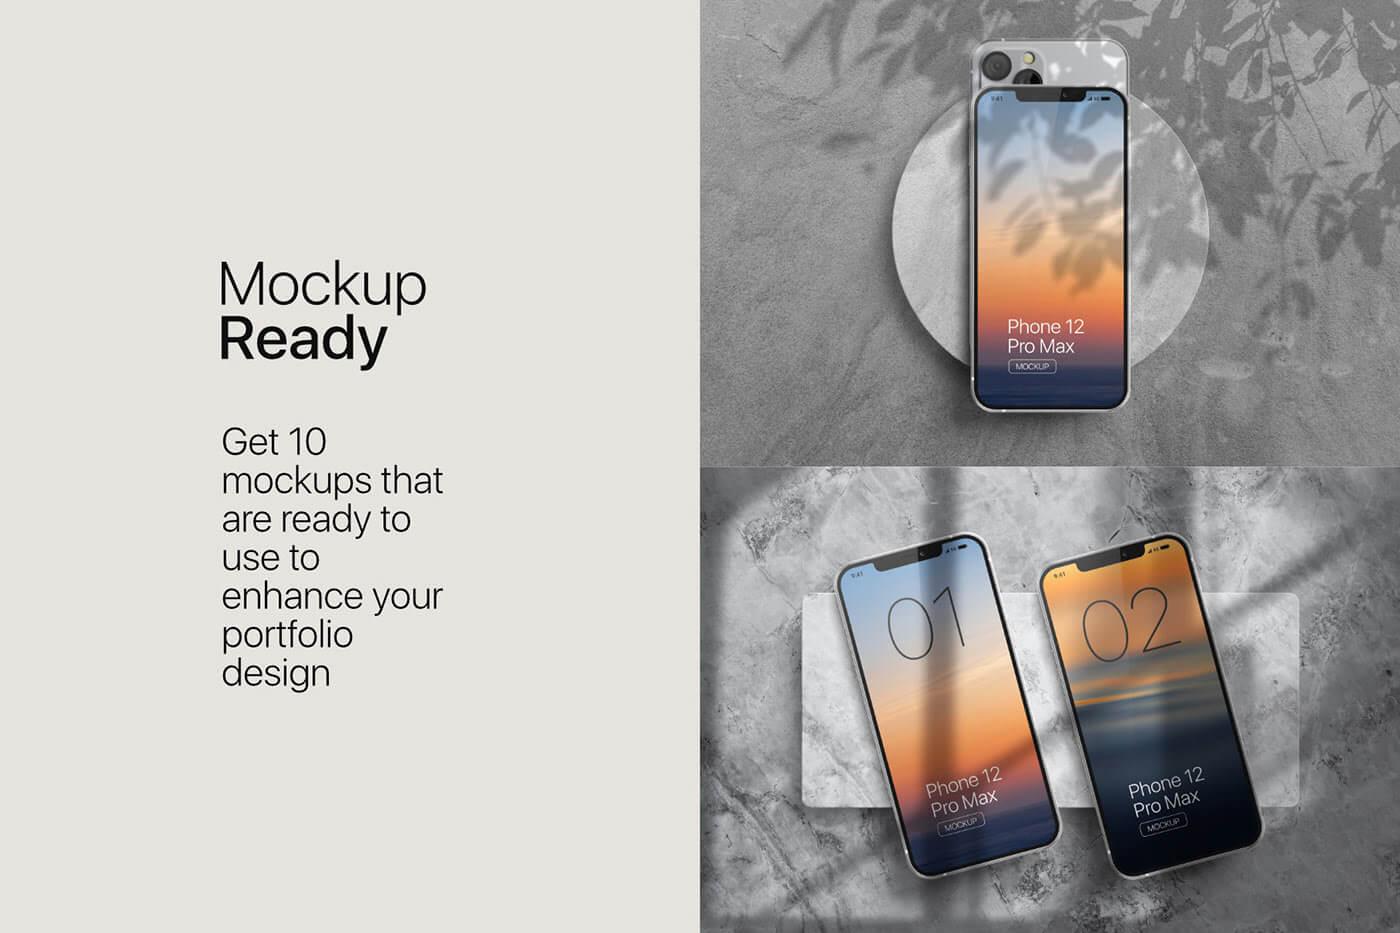 苹果手机12样机精致模版手机多角度展示模版素材iPhone 12 Pro Max Mockup V.01插图(5)